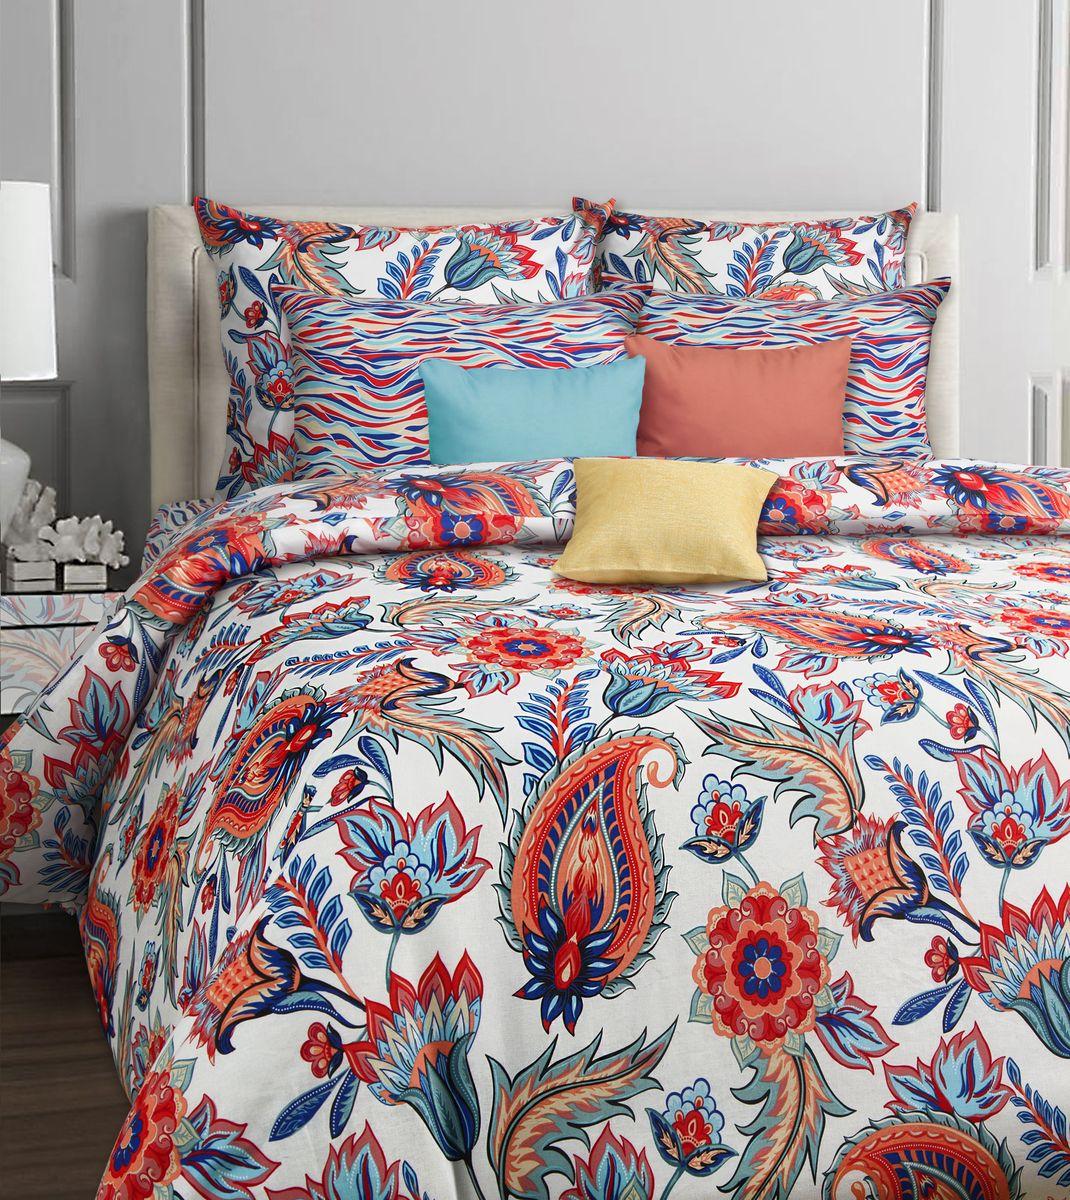 Комплект постельного белья Mona Liza Classik. Leila, 2-спальный, наволочки 50х70, бязьCLP446Коллекция постельного белья MONA LIZA Classic поражает многообразием дизайнов. Среди них легко подобрать необходимый рисунок, который создаст в доме уют. Комплекты выполнены из бязи 100 % хлопка.